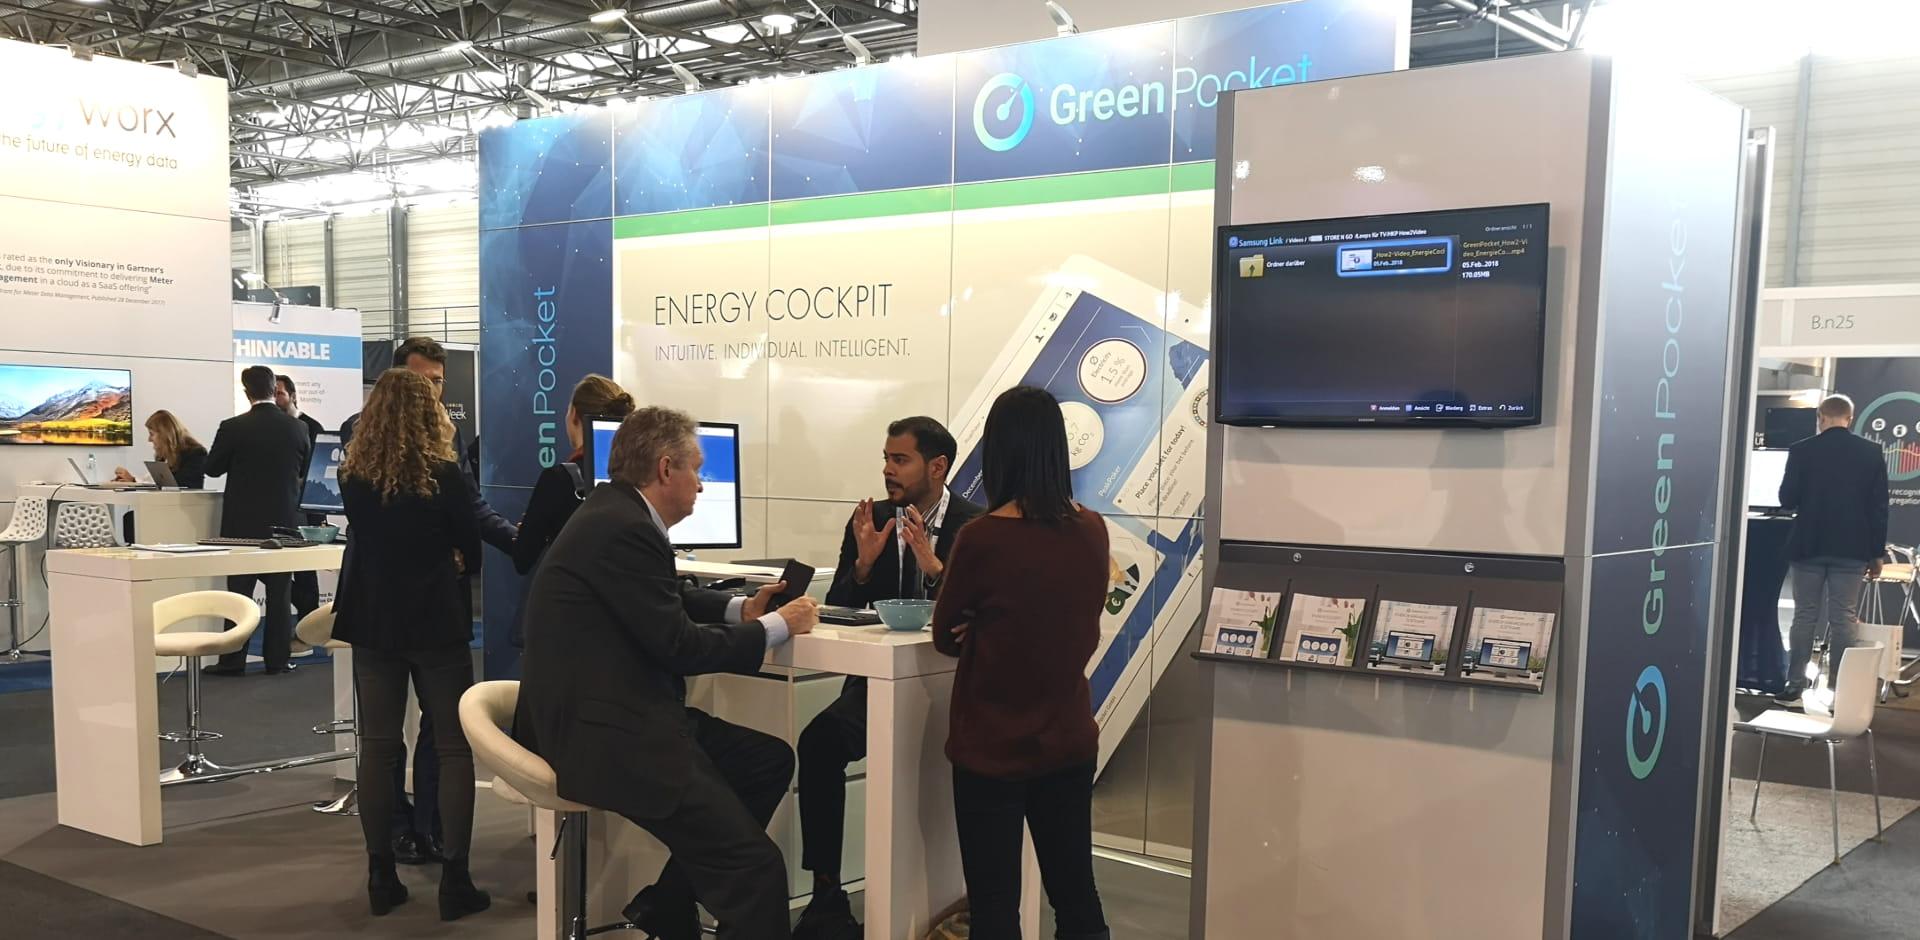 GreenPocket in Wien: European Utility Week 2018 und PEAKapp-Abschlussbericht